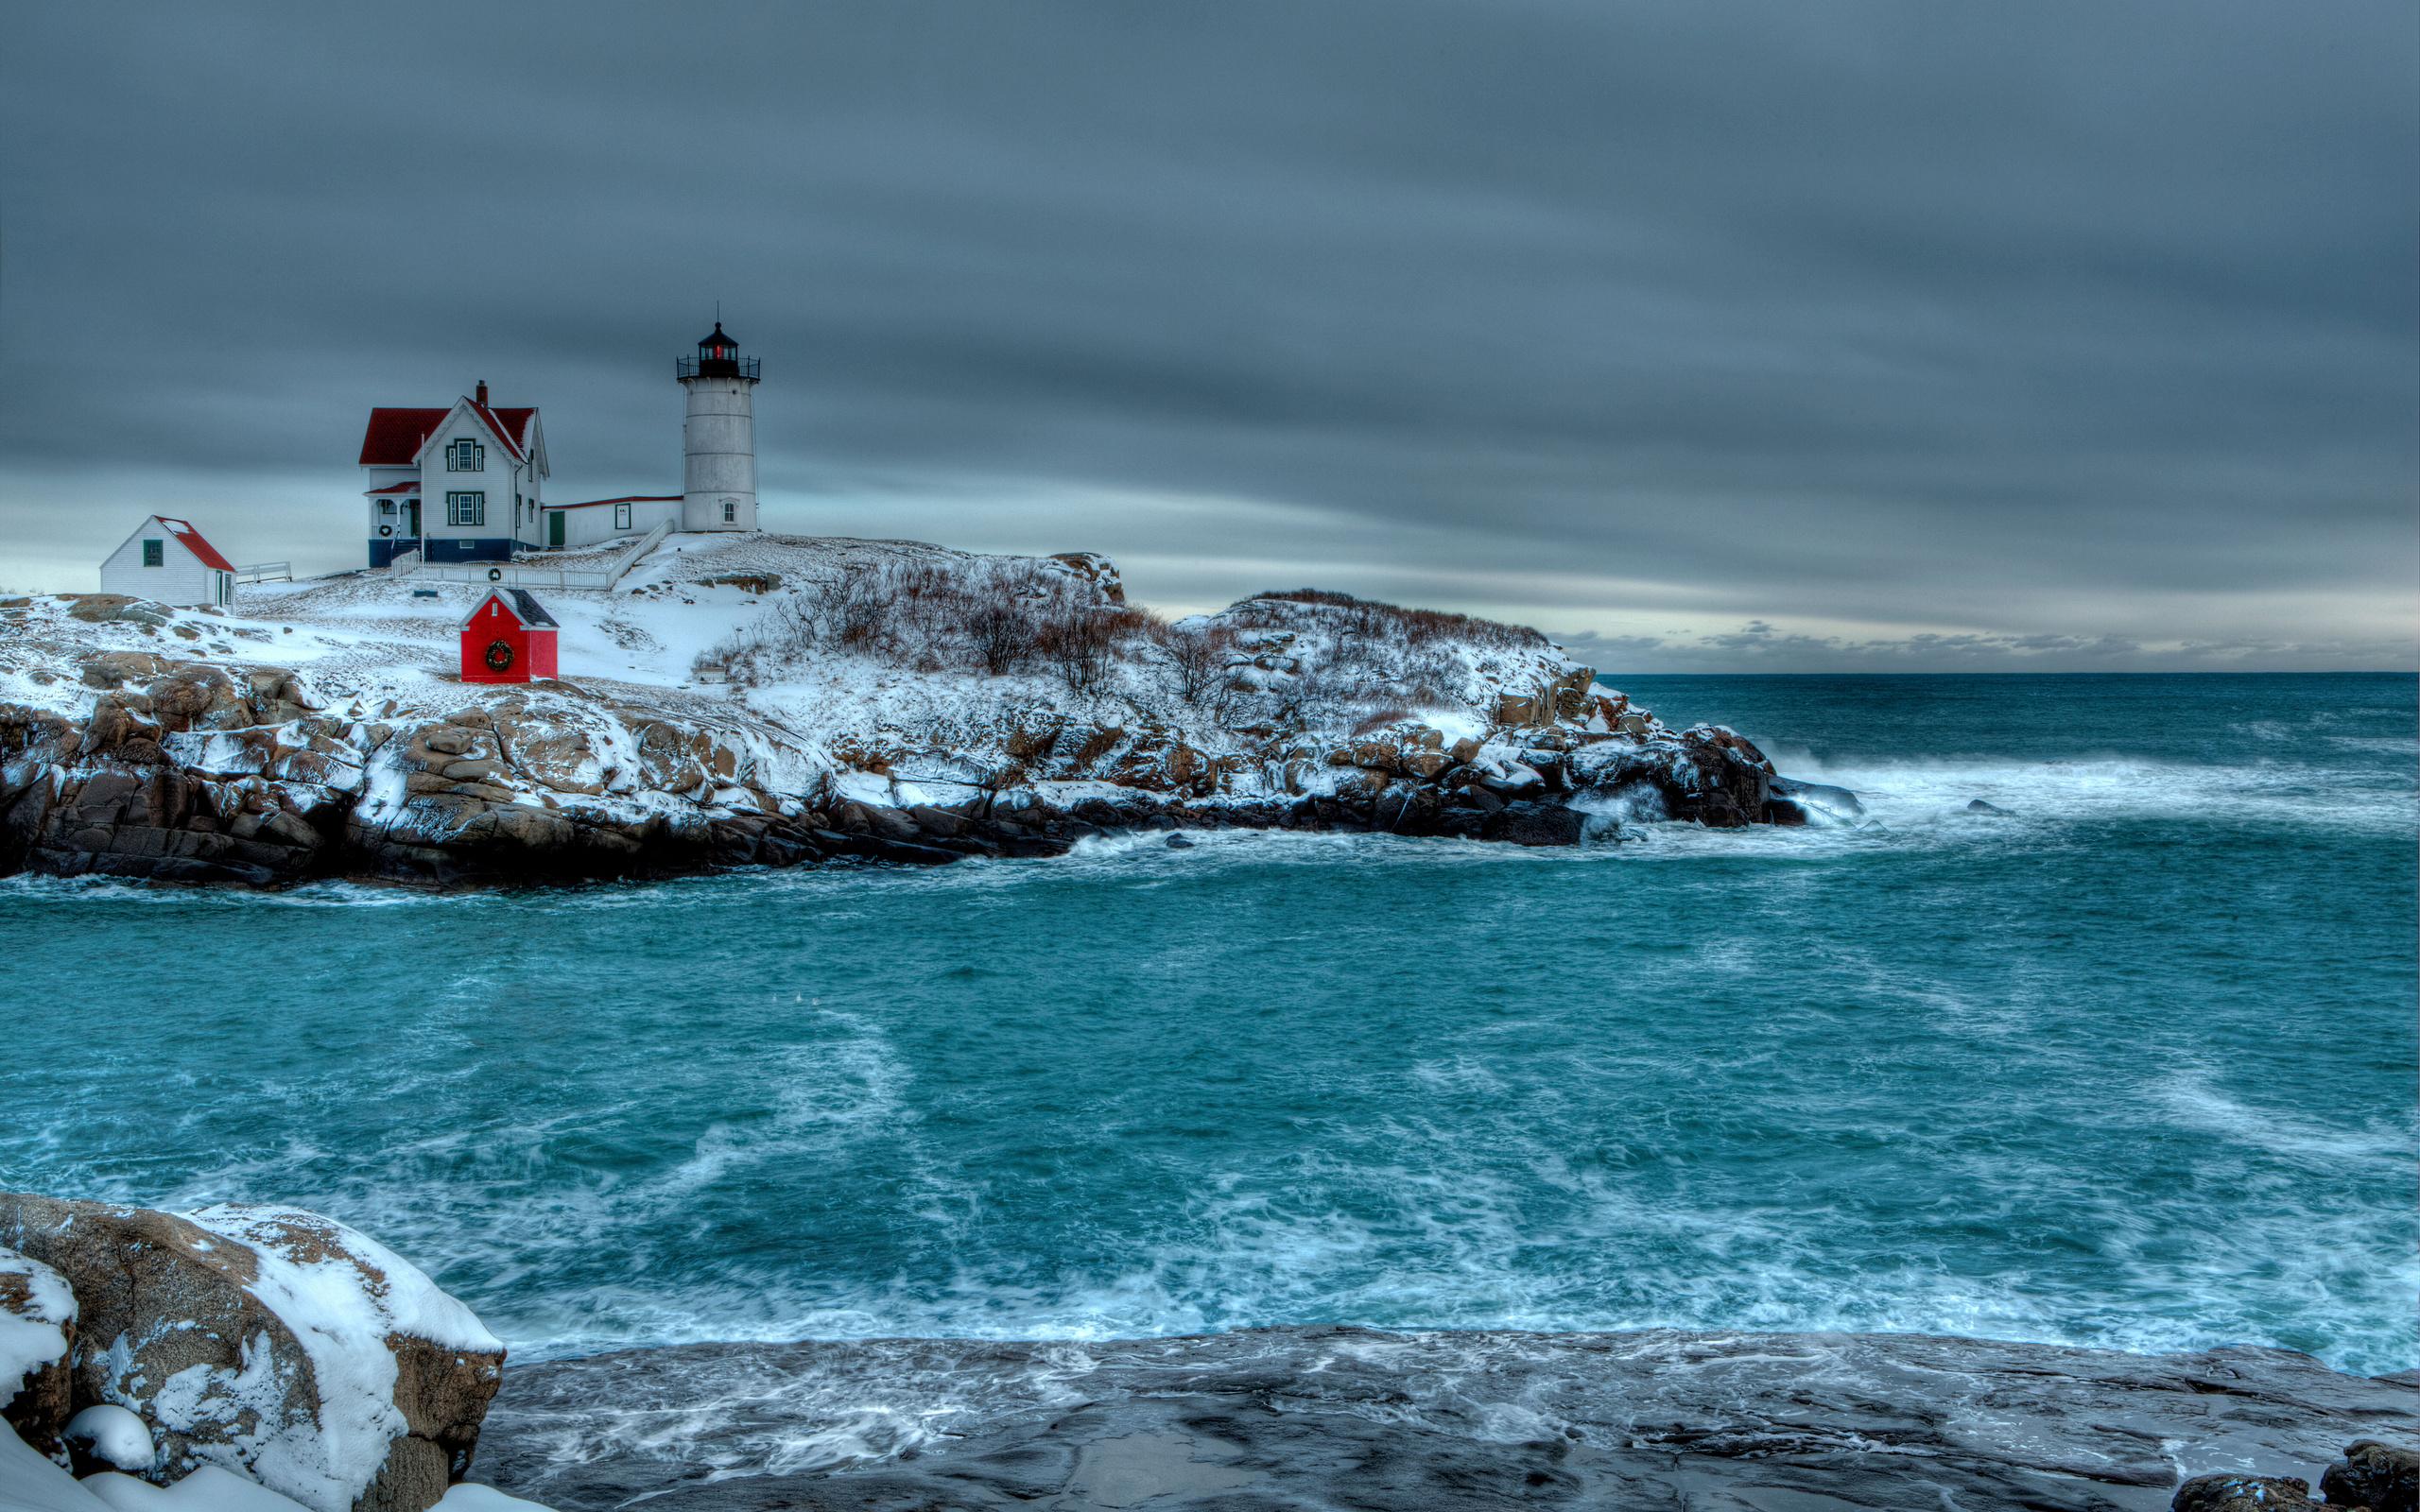 маяк море берег lighthouse sea shore  № 2220800 загрузить